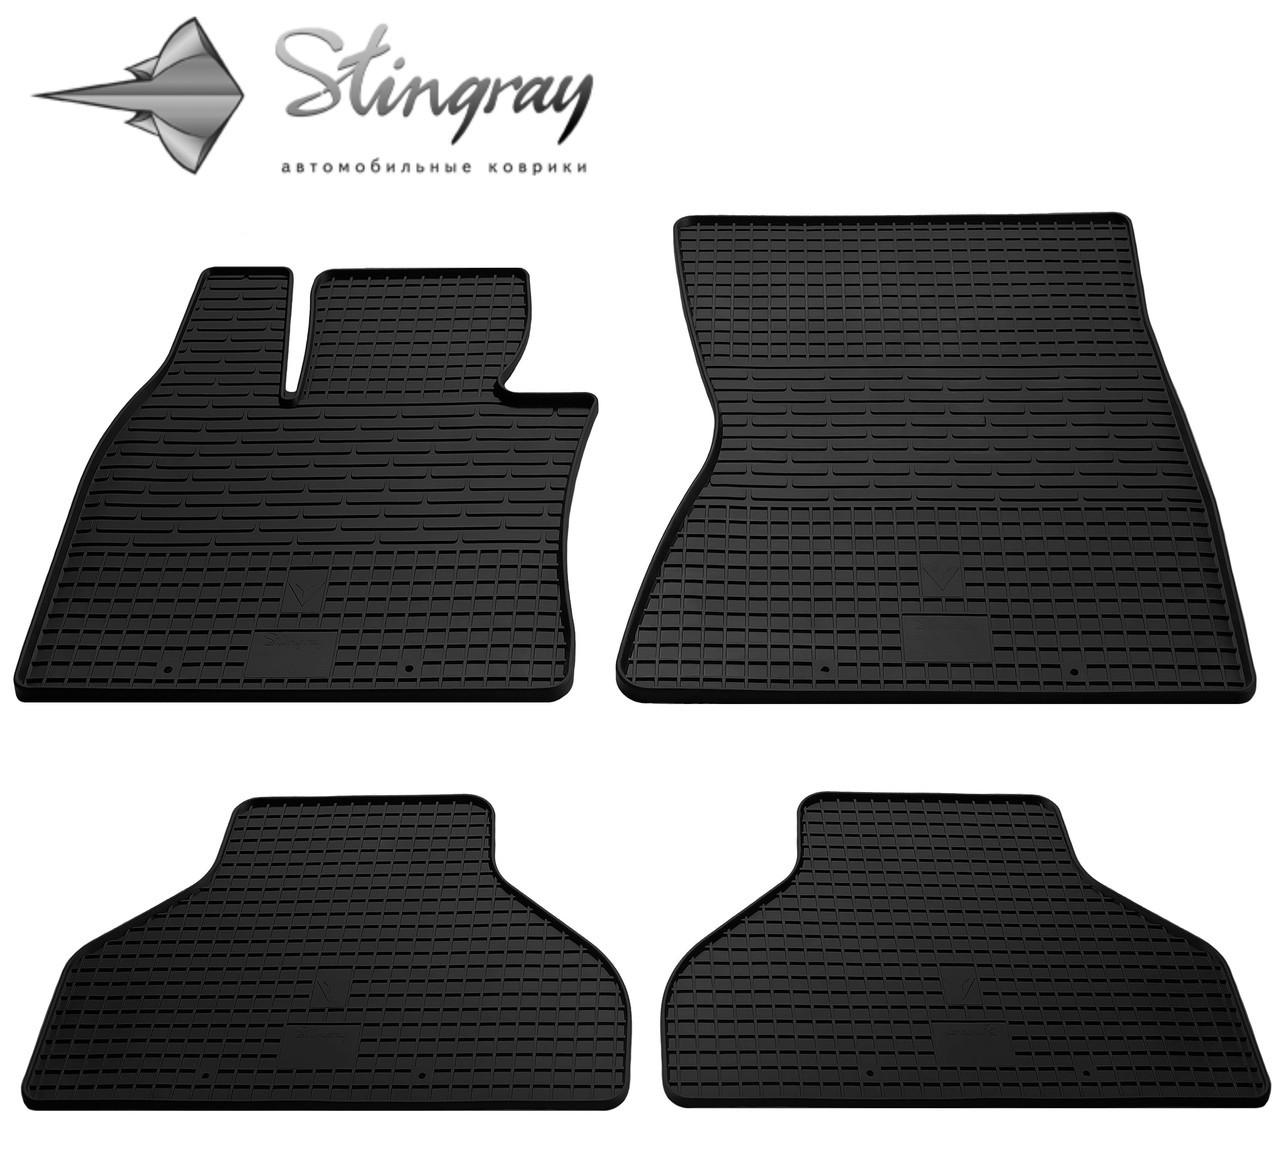 Резиновые коврики Stingray Стингрей BMW X5 (E70) 2007-2012 Комплект из 4-х ковриков Черный в салон - Stingray® официальный магазин производителя резиновых автоковриков. в Львове